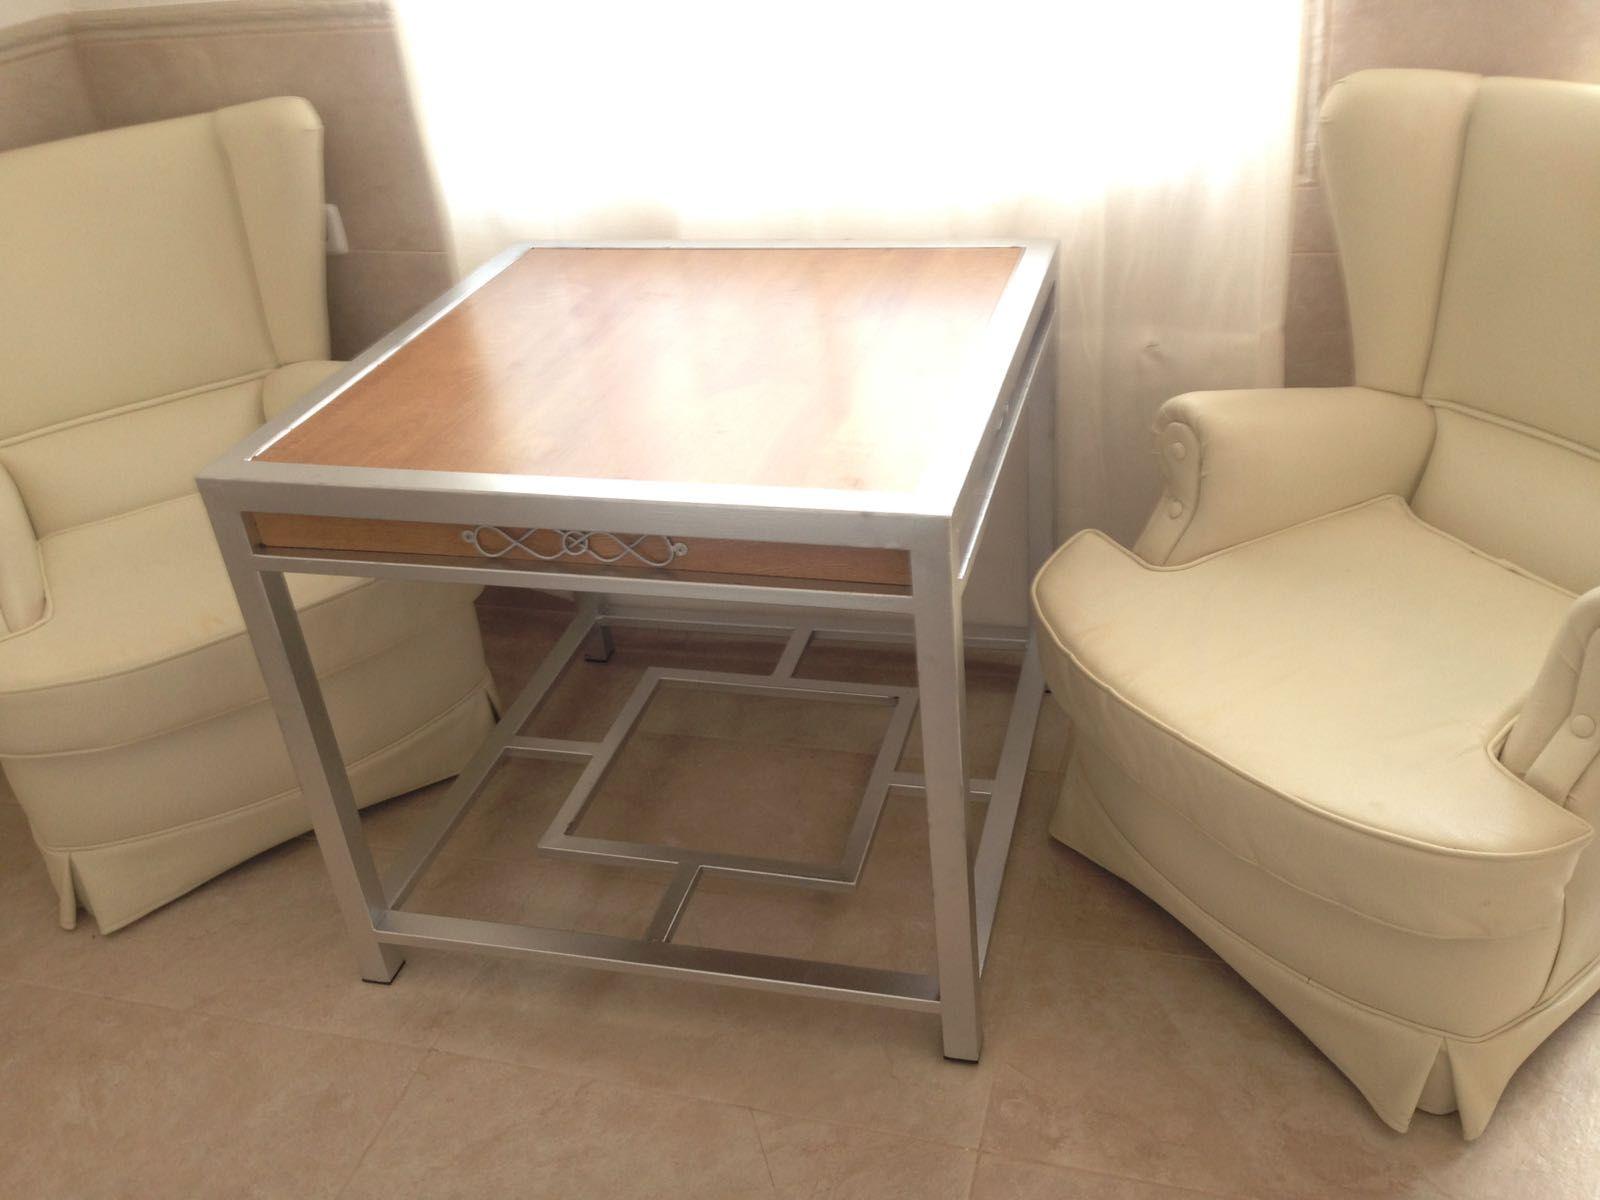 Bonito Y Acogedor Rincon Dise O Y Fabricacion De Muebles Estilo  # Muebles Estilo Vintage